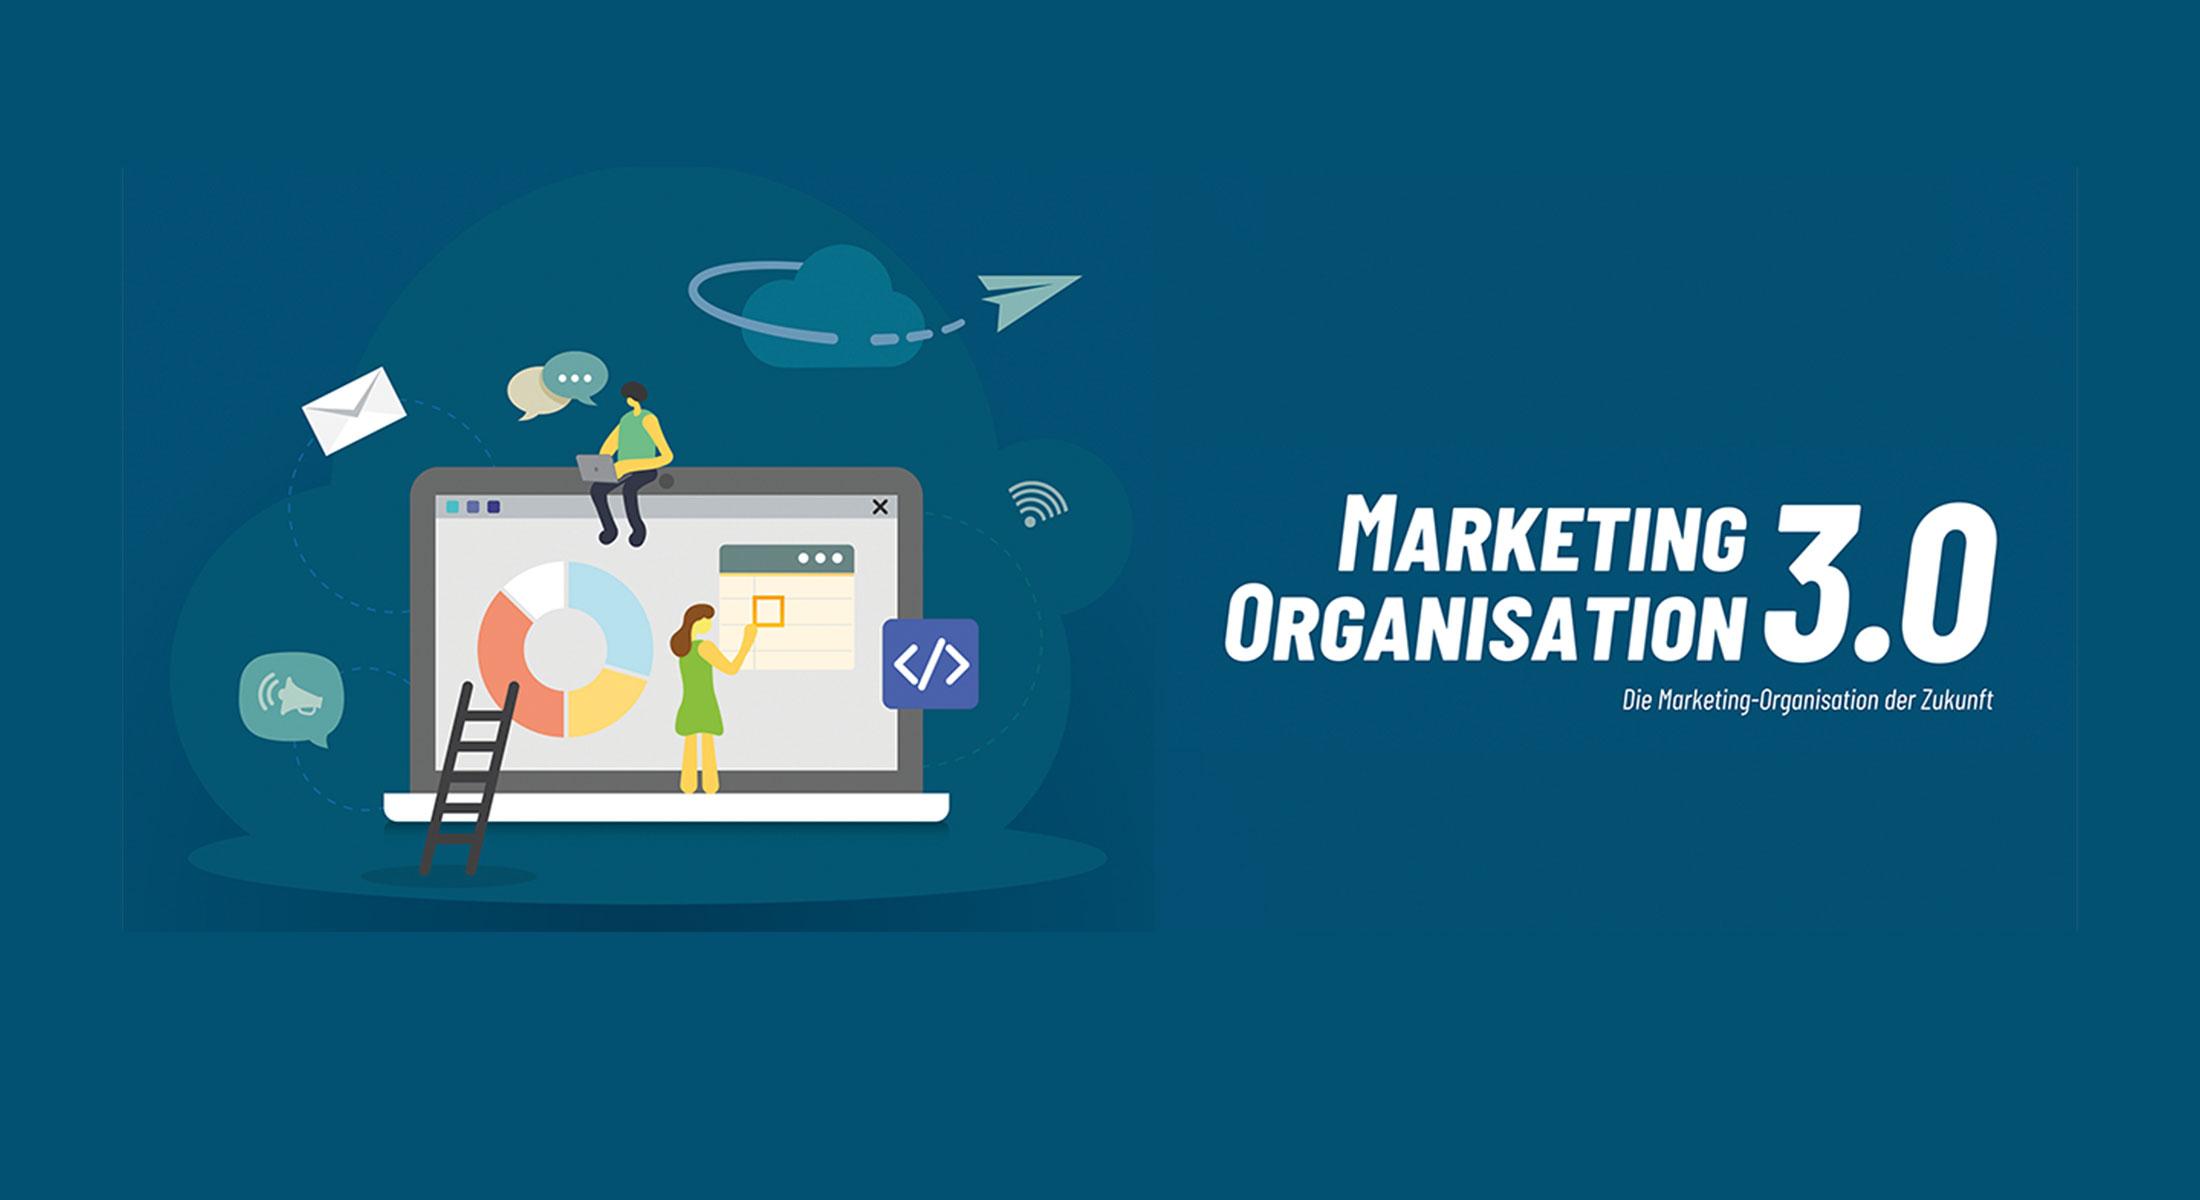 MCSH Veranstaltung: Die Marketing-Organisation der Zukunft